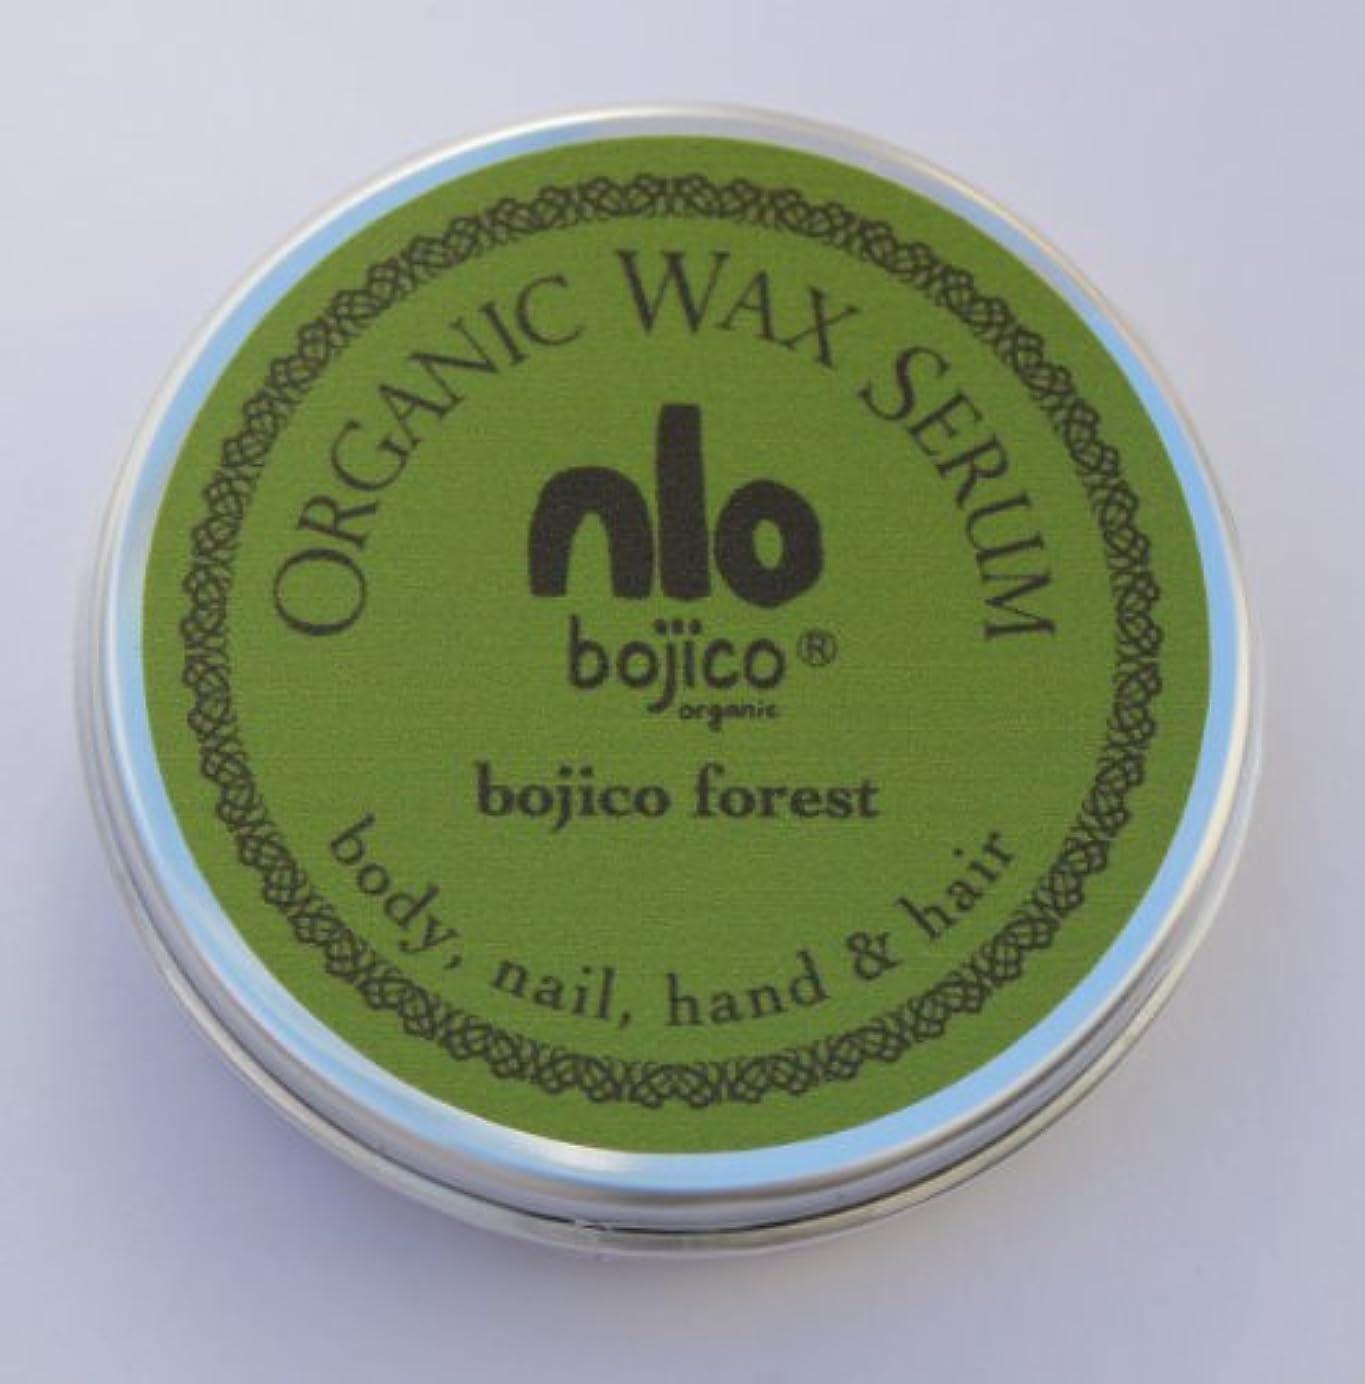 責めやがてスタウトbojico オーガニック ワックス セラム<フォレスト> Organic Wax Serum 18g